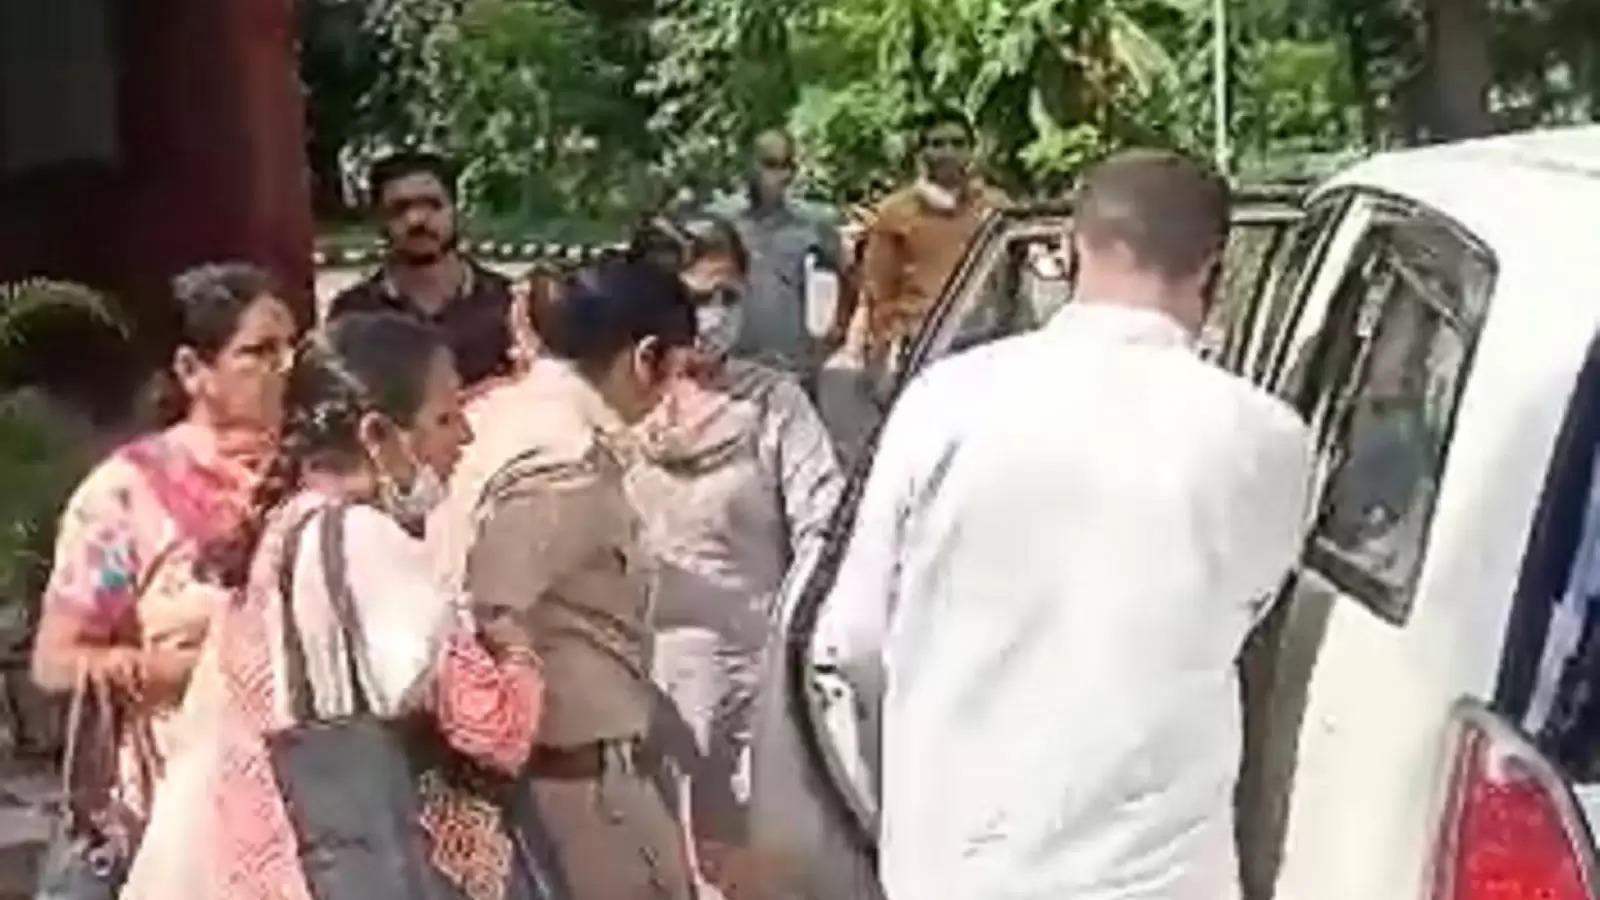 महिला सब इंस्पेक्टर रिश्वत लेते गिरफ्तार, FIR में गलती से लिखा था नाम, फिर भी मांगी रिश्वत